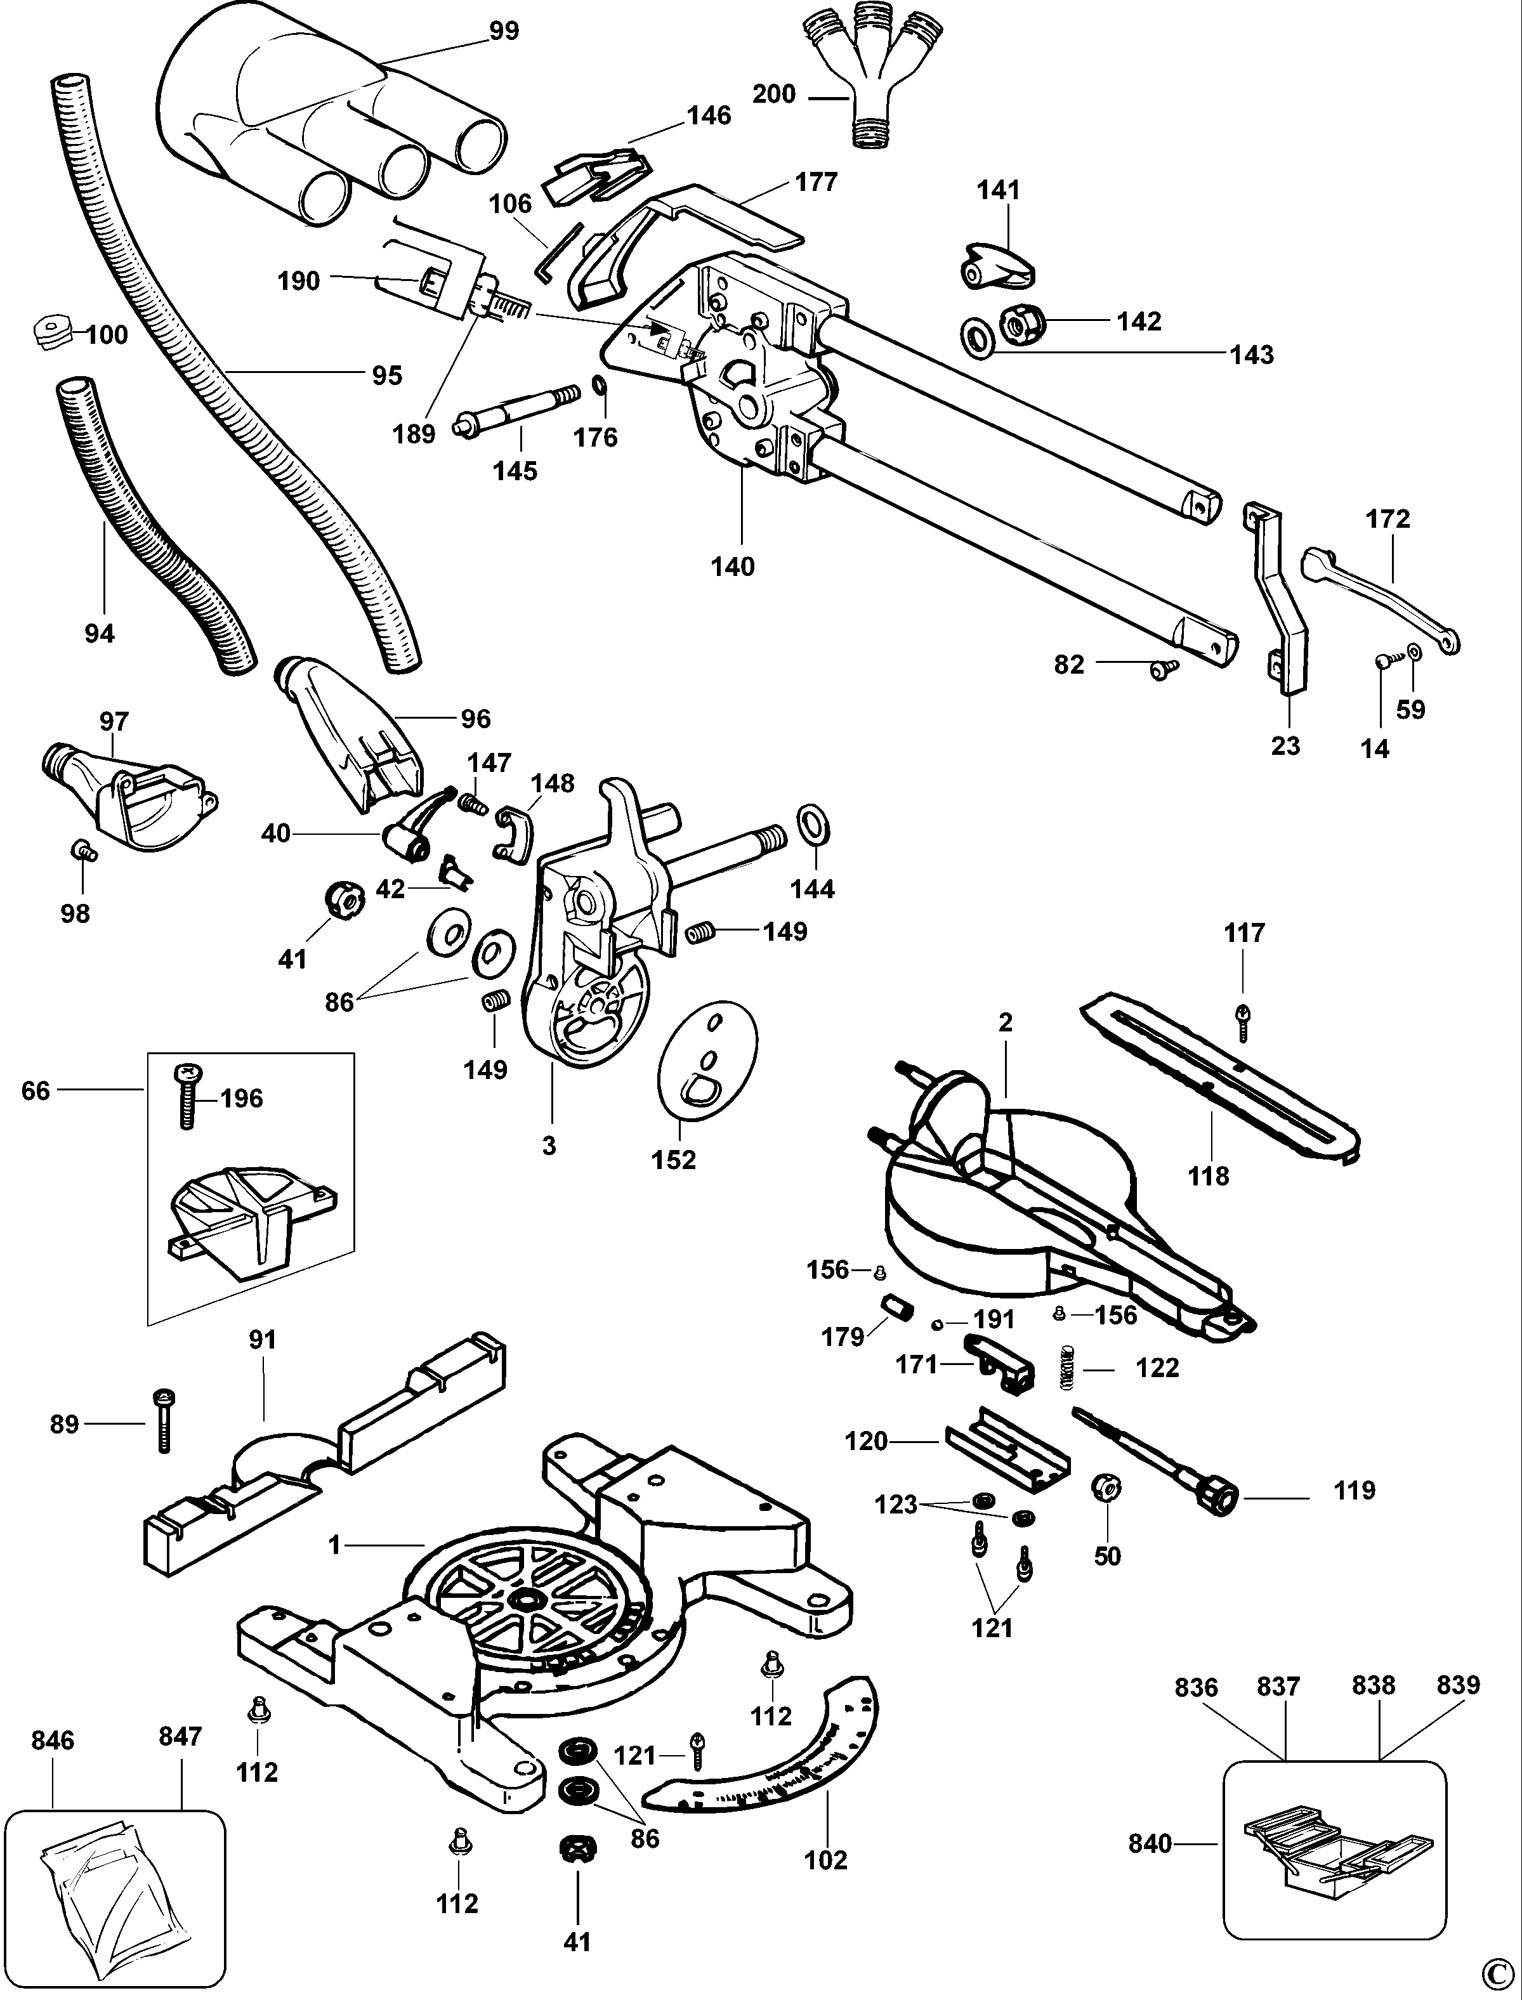 Spares For Dewalt Dw701 Mitre Saw Type 2 Spare Dw701